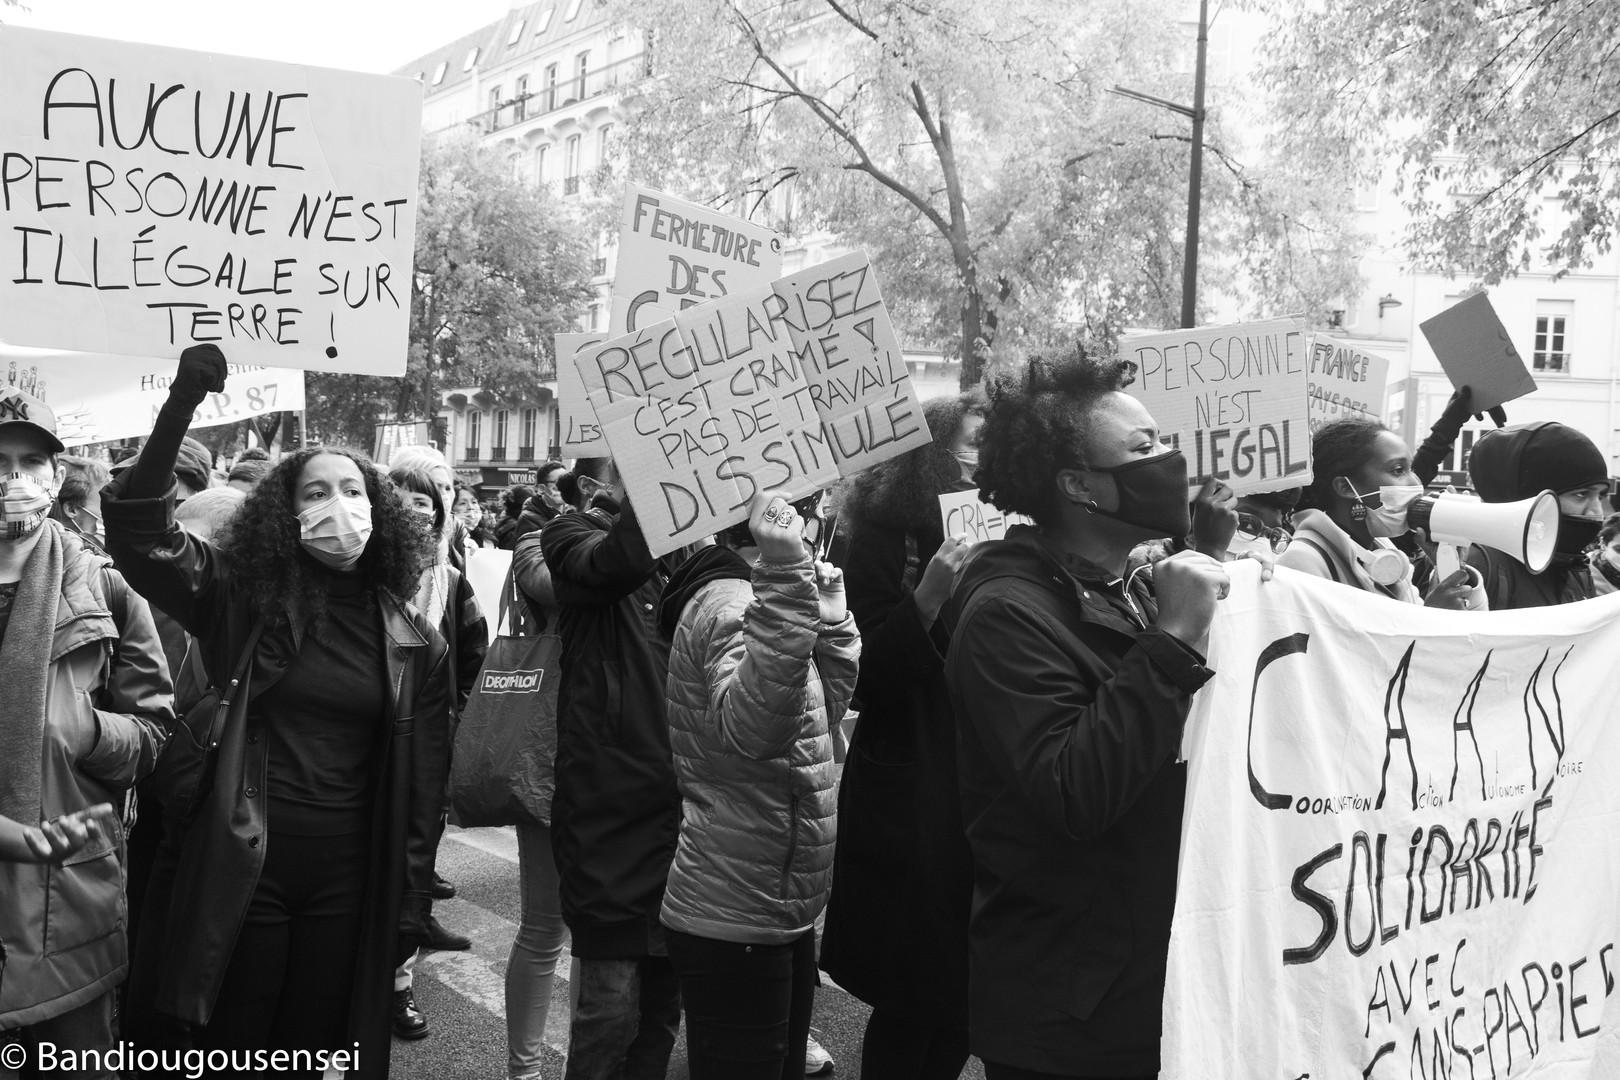 Marche national sans-papier_-36.jpg